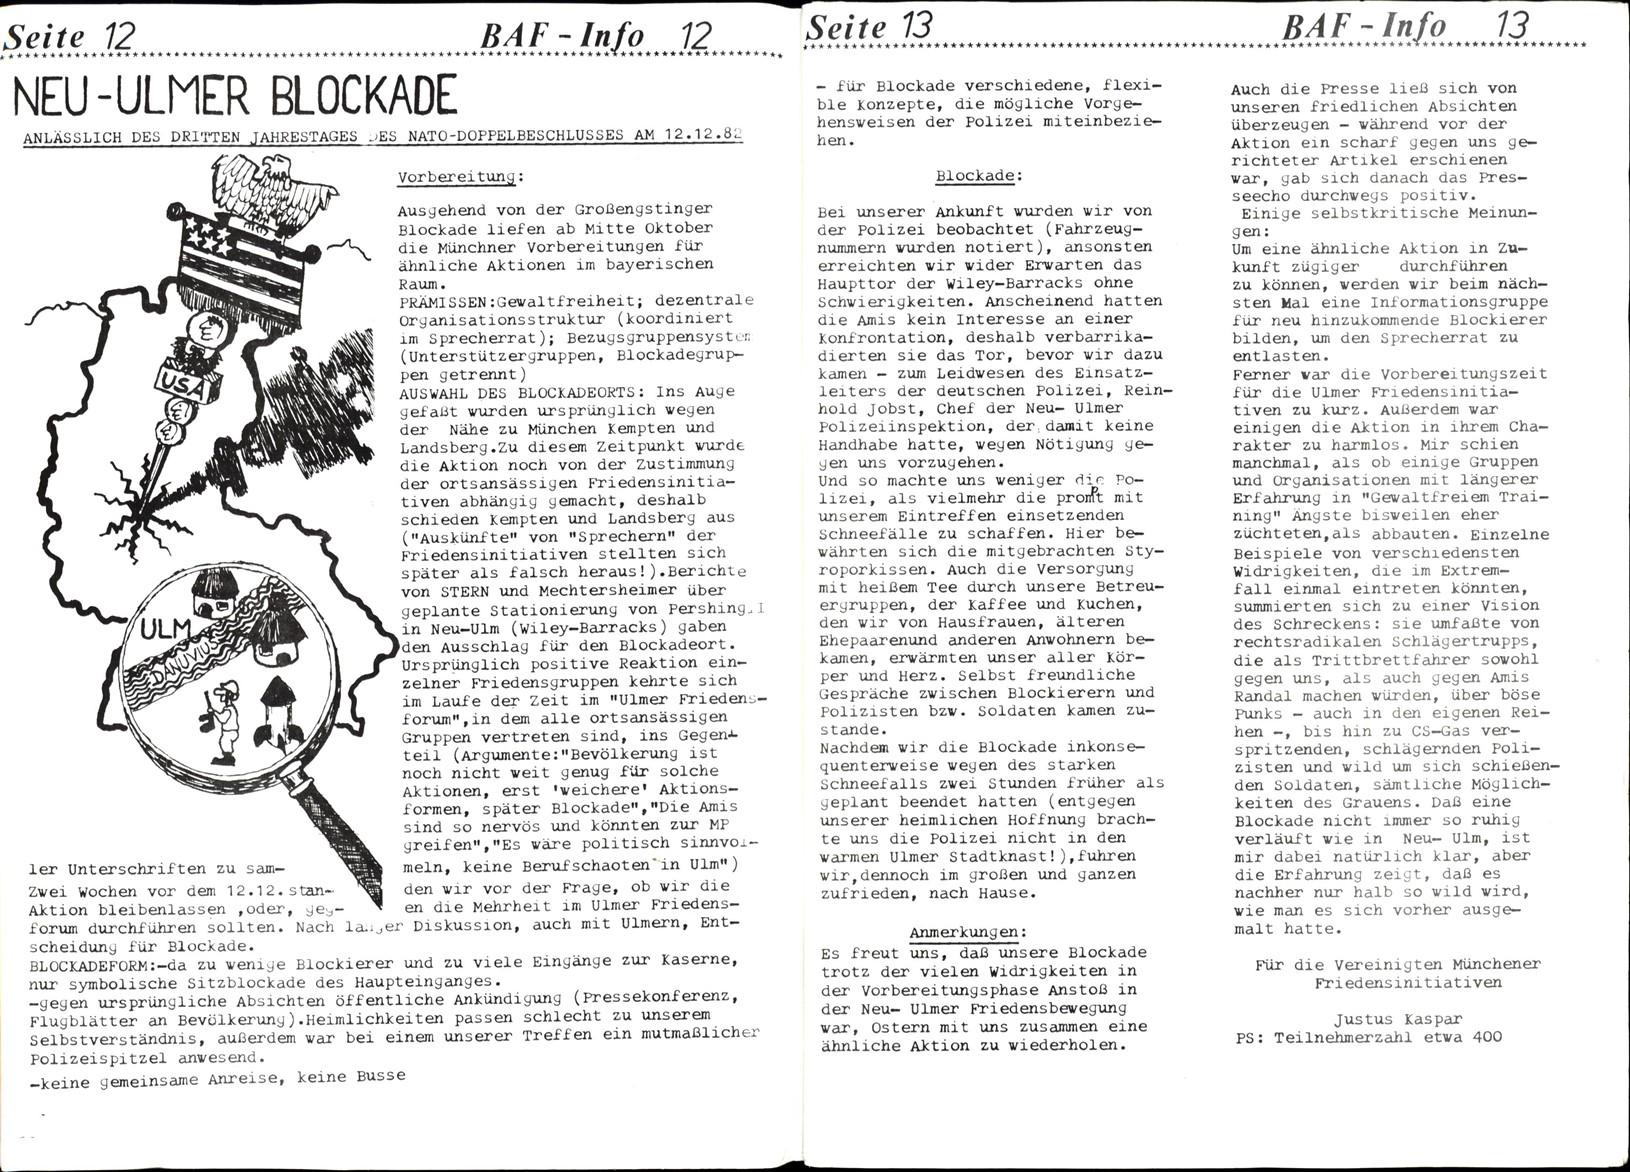 BAF_Info_02_19830100_07